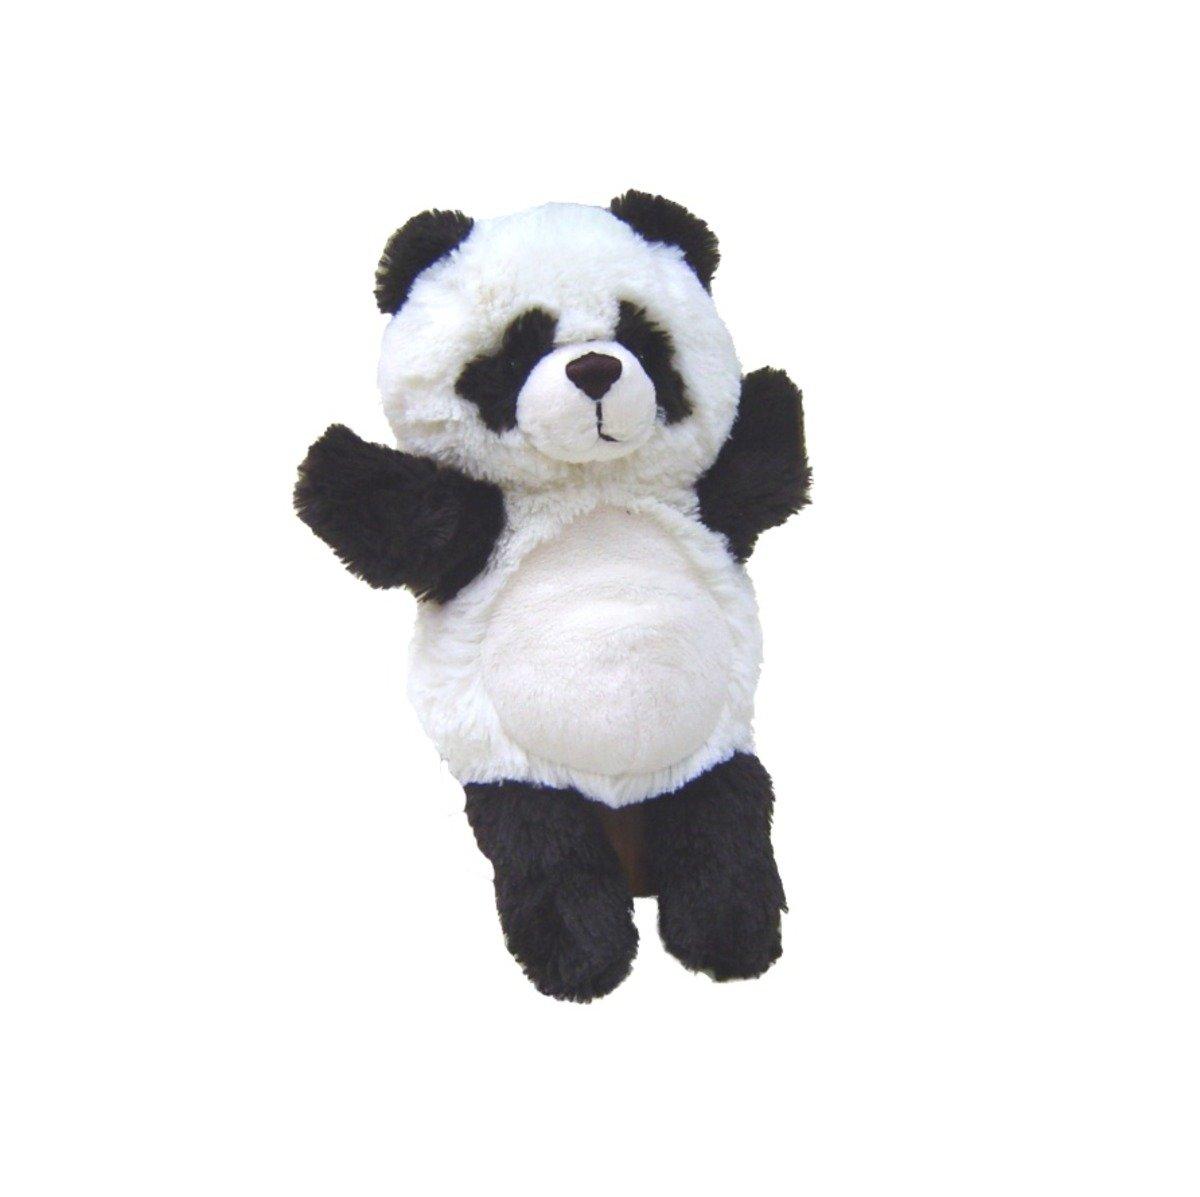 動物毛毛手偶 - 熊貓 (27cm) - 18B0235